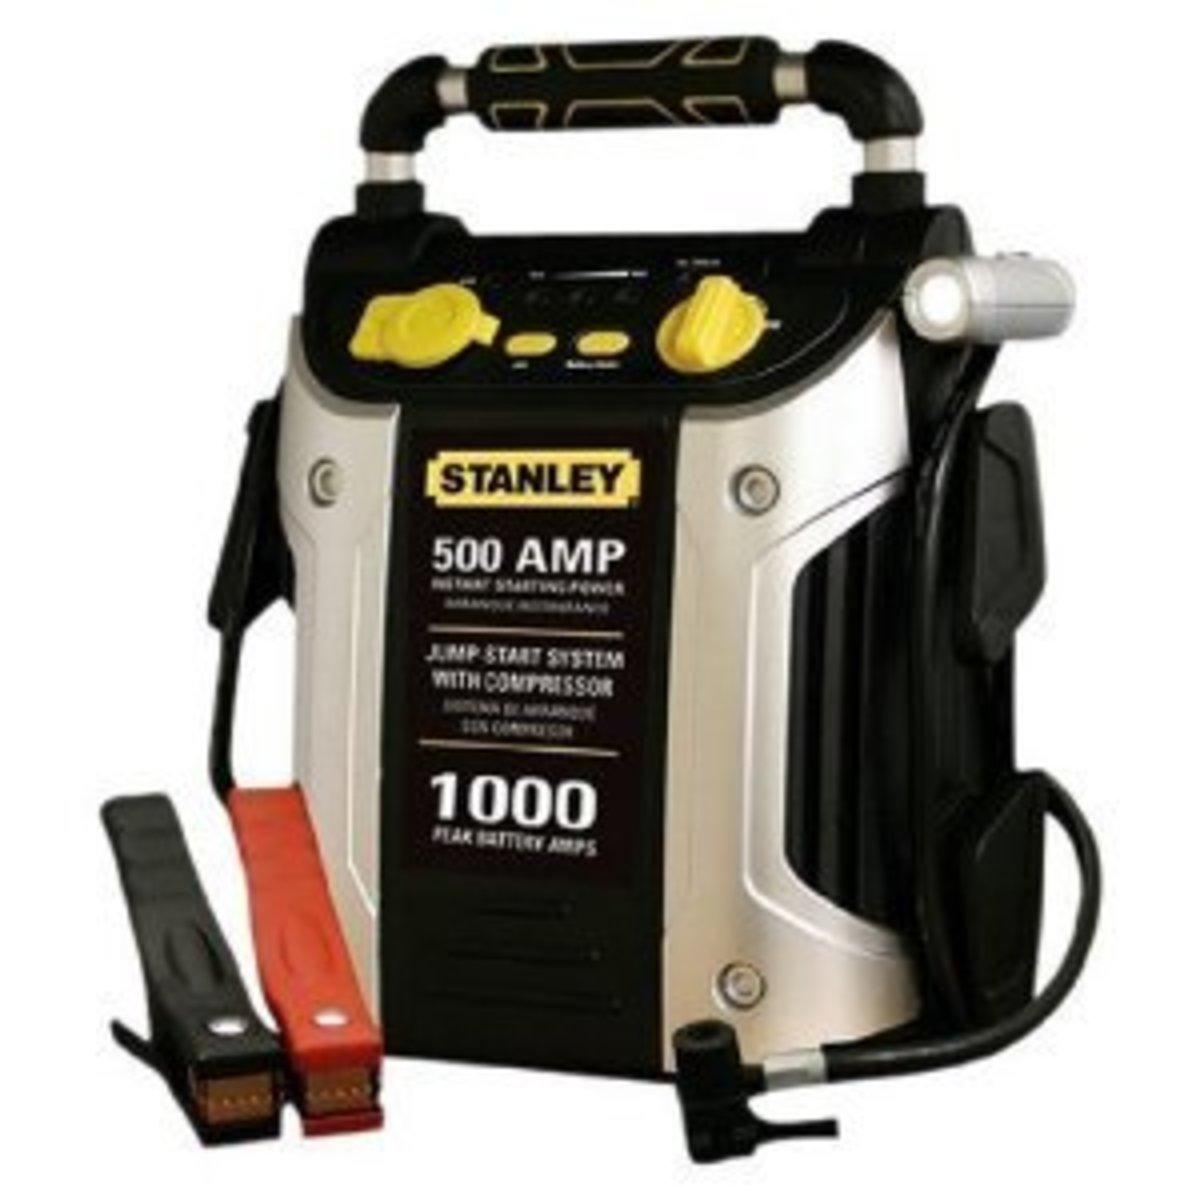 Stanley J5C09 500 Amp Jump Starter with Compressor